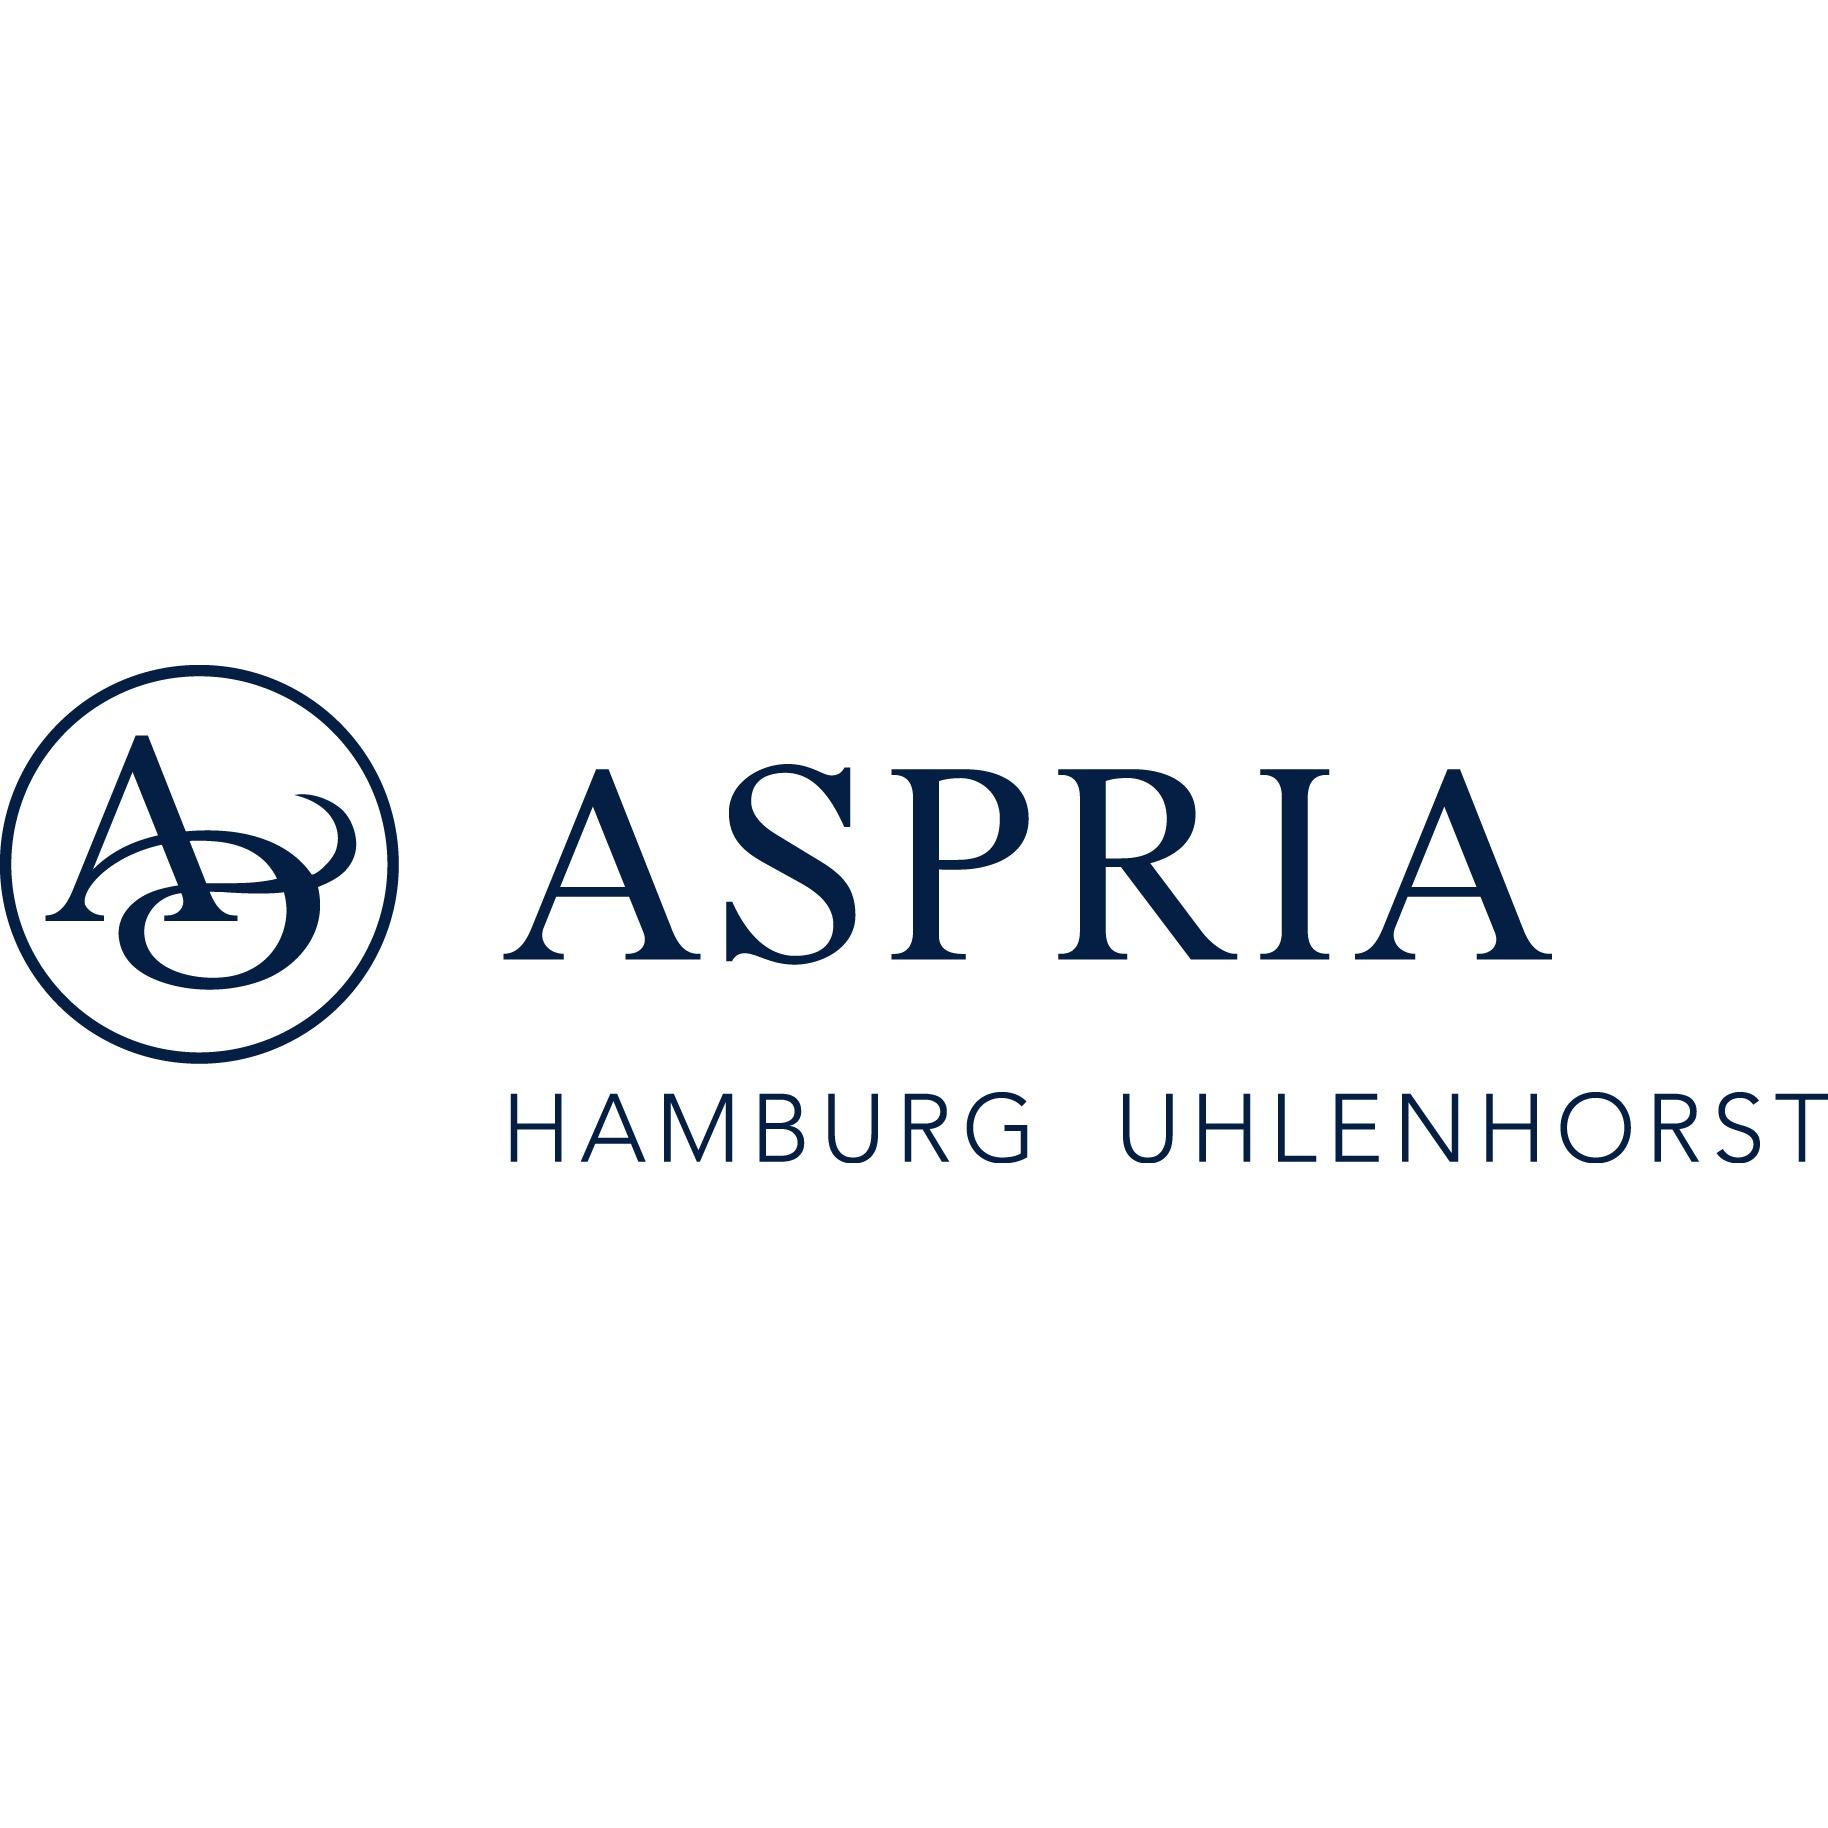 Bild zu Aspria Hamburg City GmbH & Co. KG in Hamburg